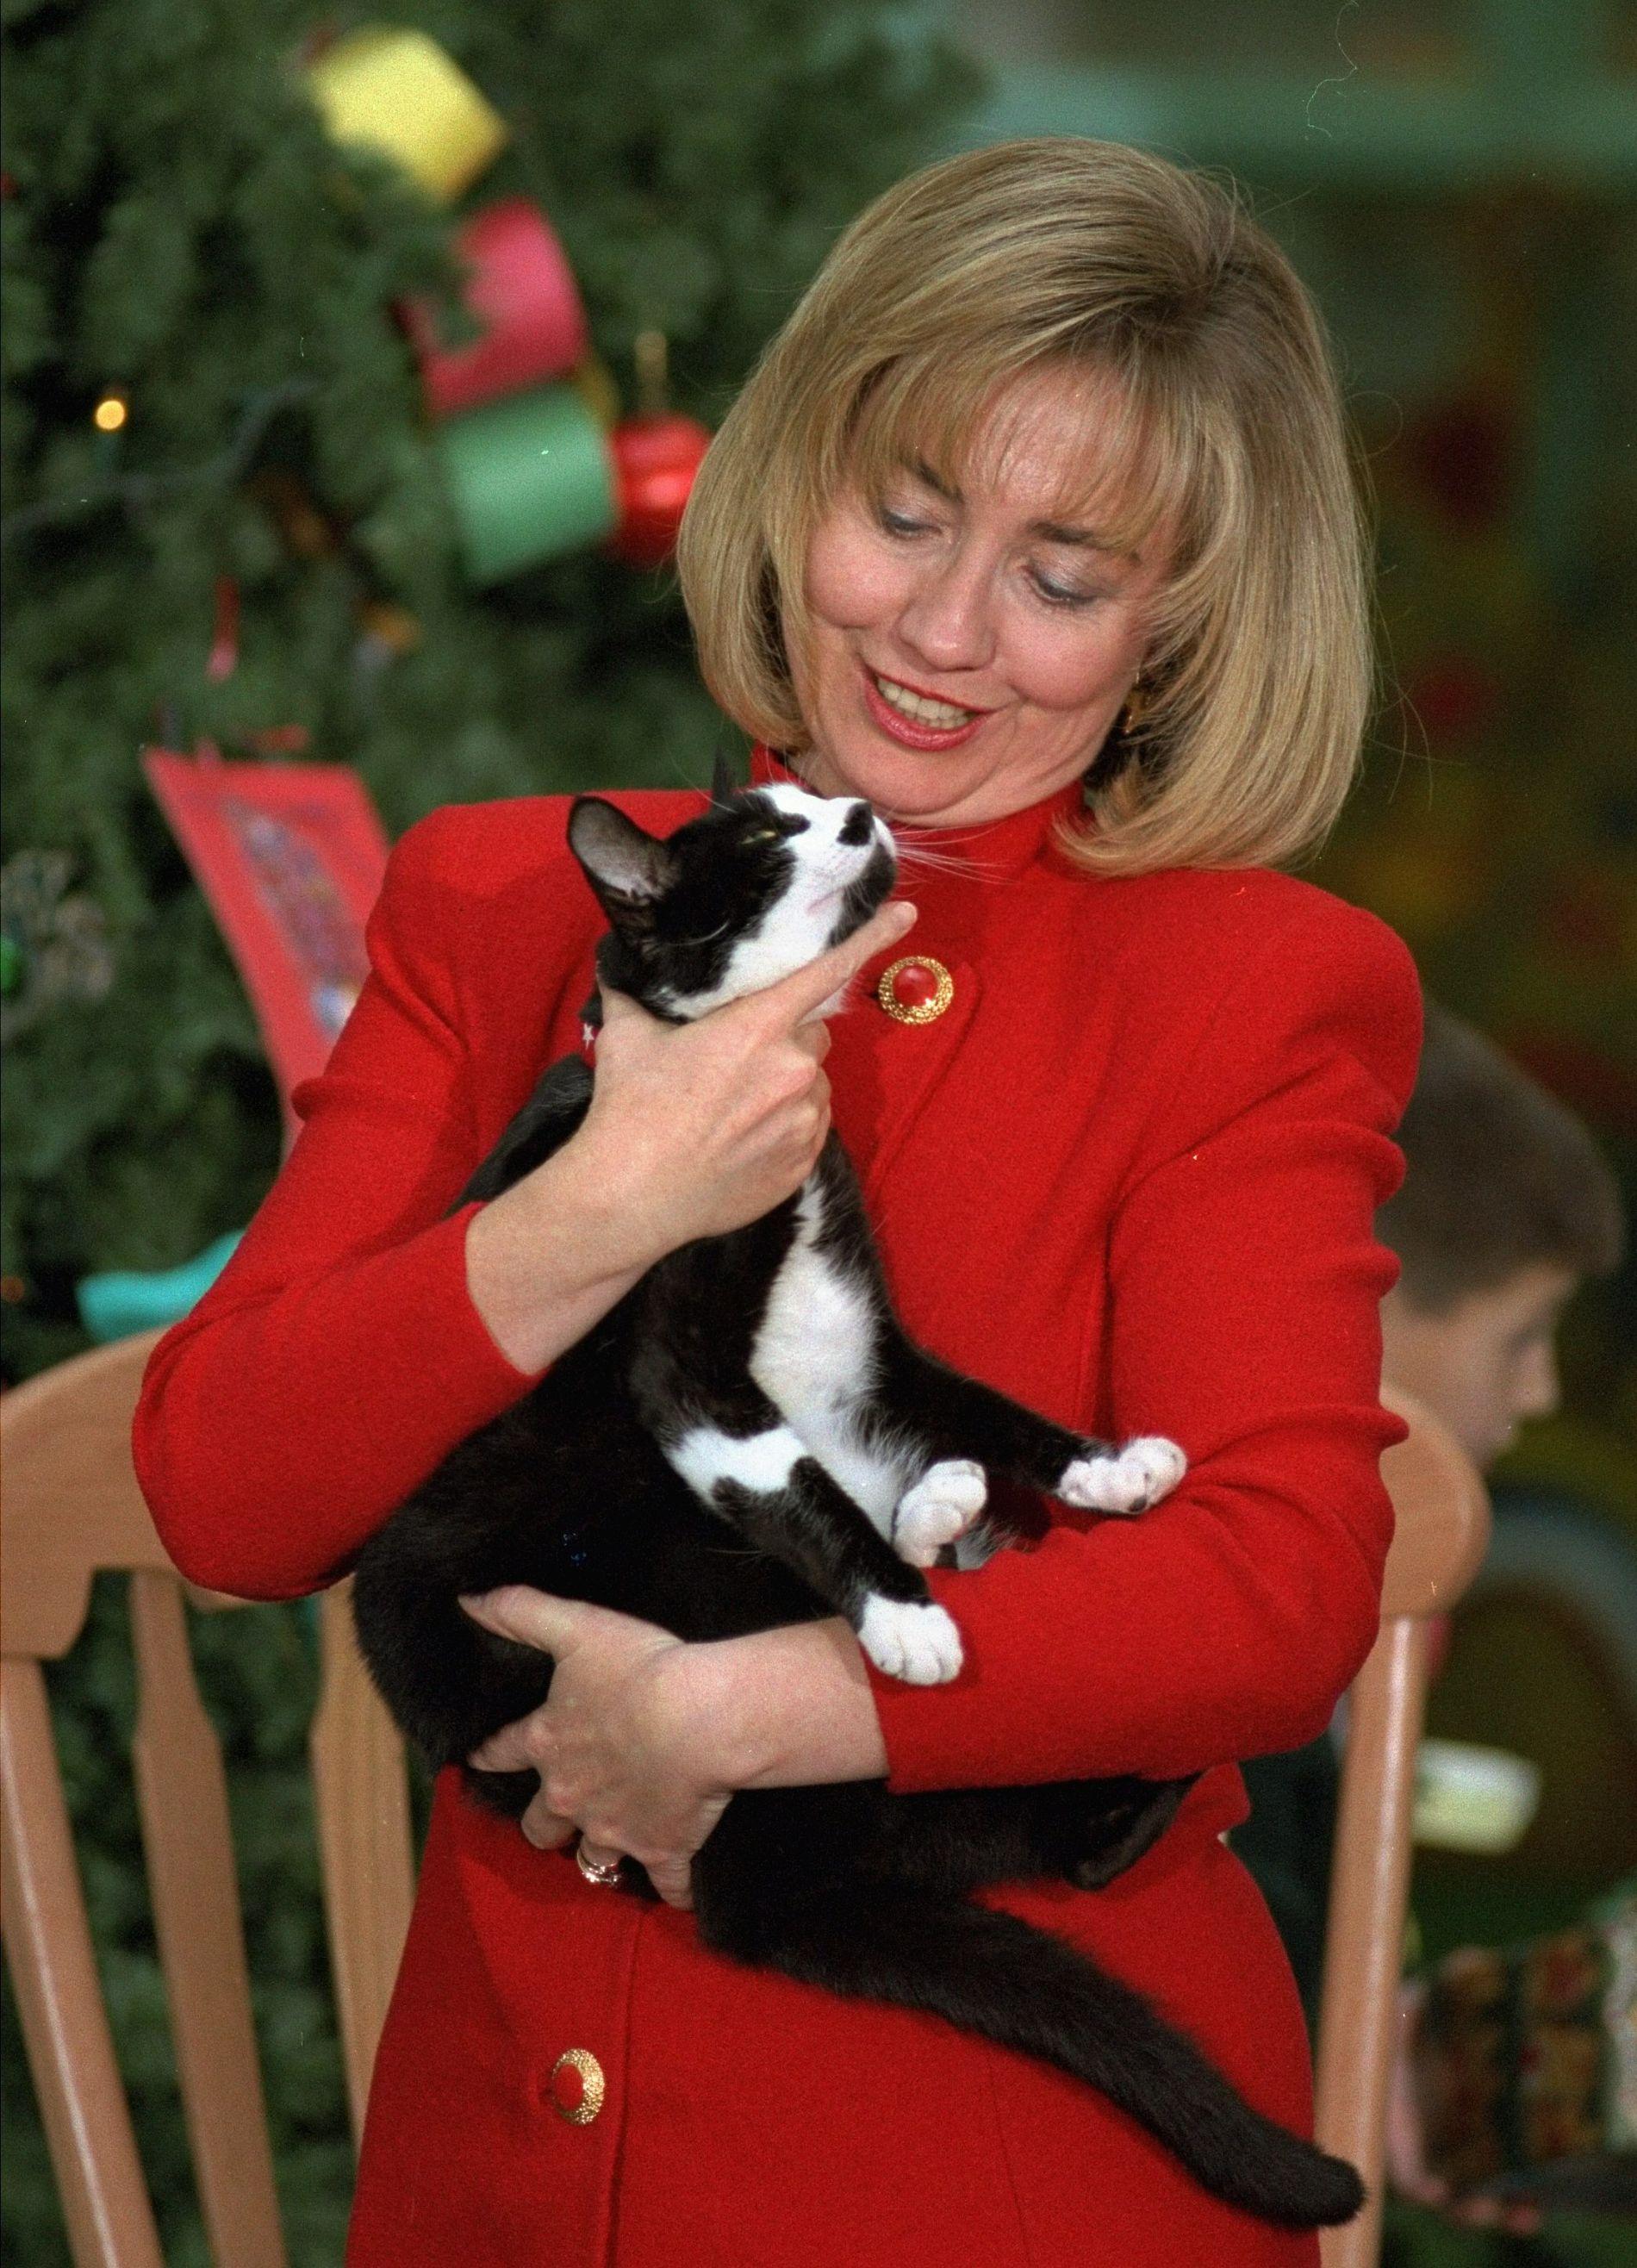 DET HVITE HUSKATT: Katter har regjert i Det hvite hus før. Daværende førstedame Hillary Clinton og daværende (nå avdøde) førstekatt Socks i 1994. Foto: AP/DENIS PAQUIN